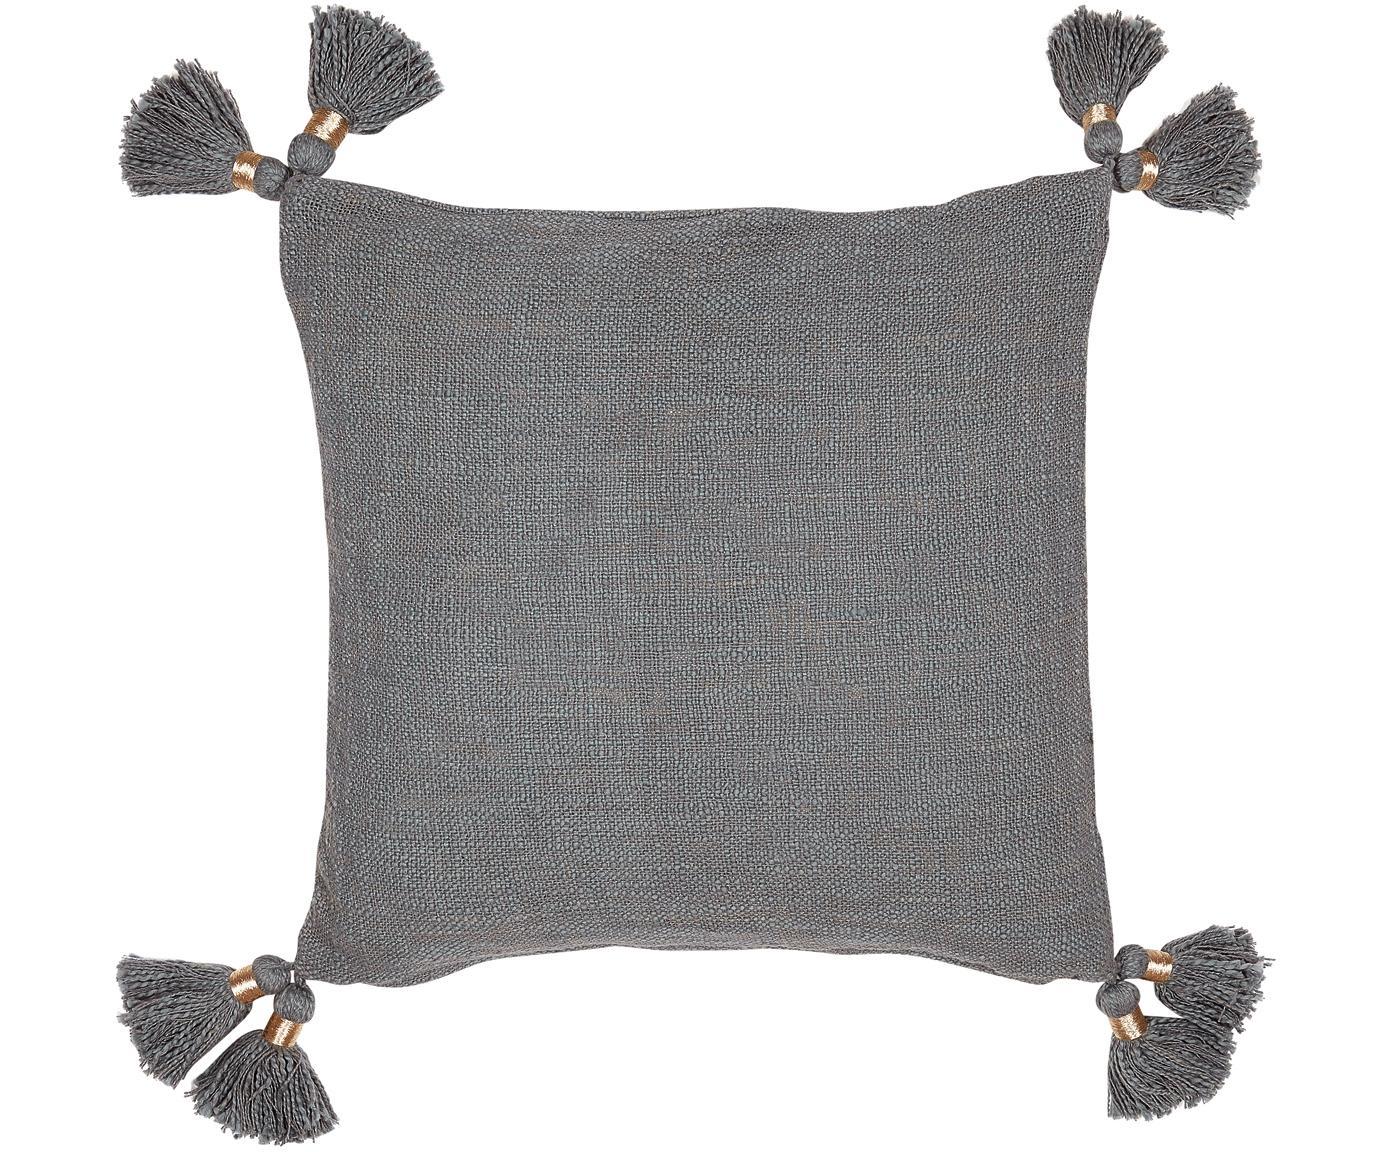 Grob gewebte Kissenhülle Fly aus Bio-Baumwolle mit Tasseln, 100% Bio-Baumwolle, Grau, 45 x 45 cm